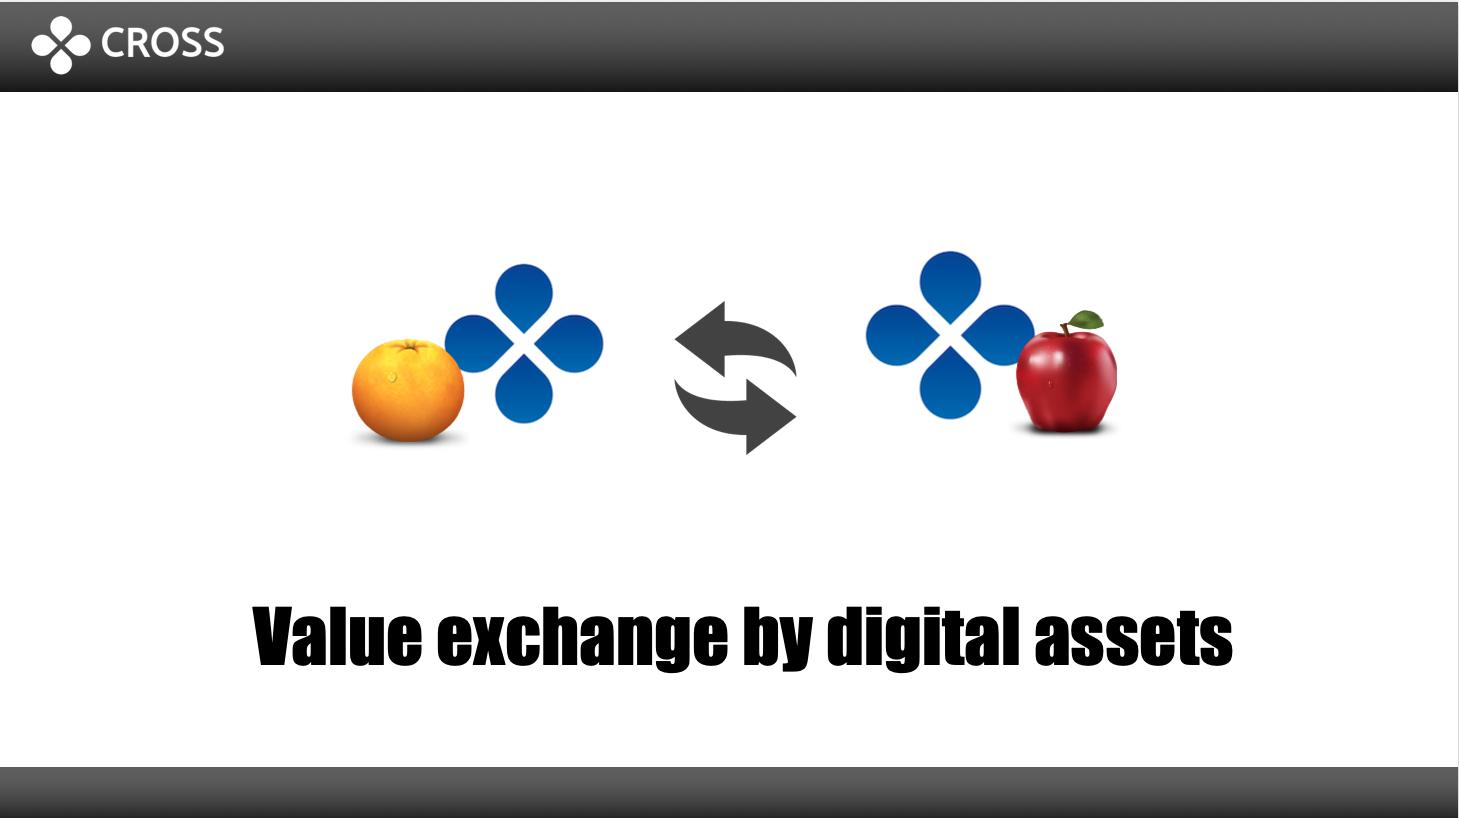 デジタルアセットによる価値交換